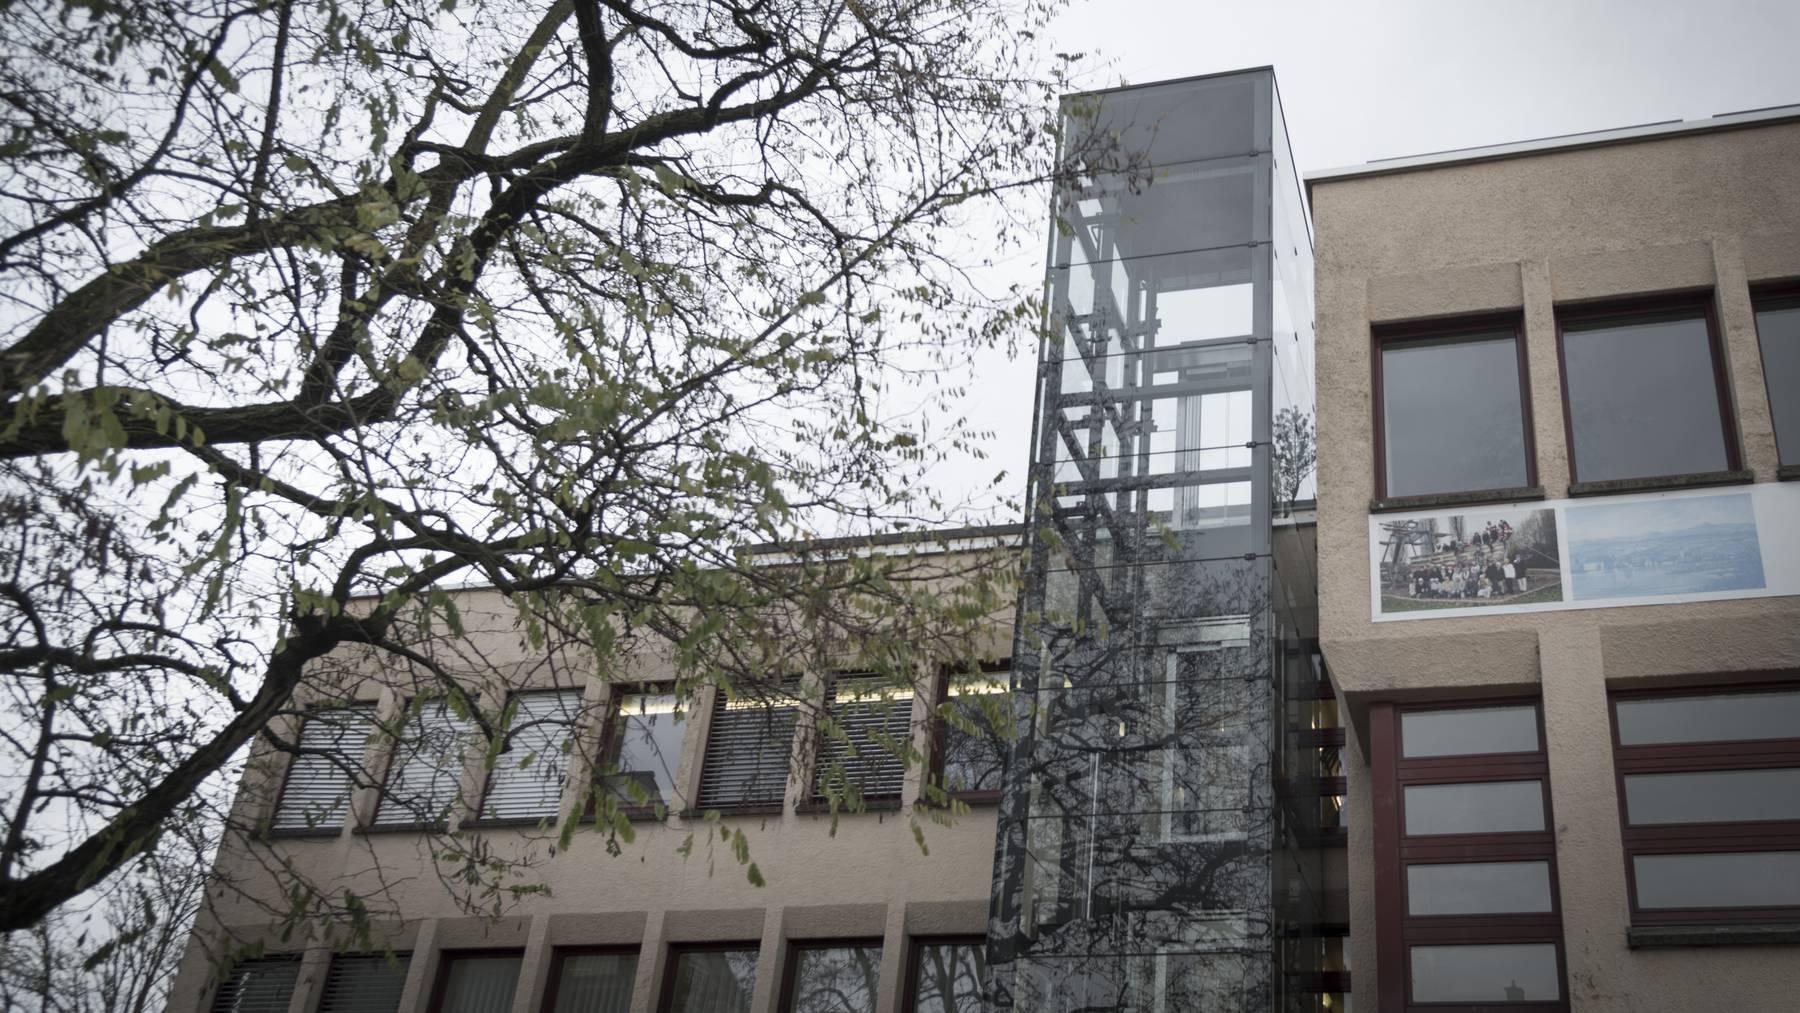 Das Gemeindehaus von Steinach, hier hat der Beschuldigte gearbeitet.